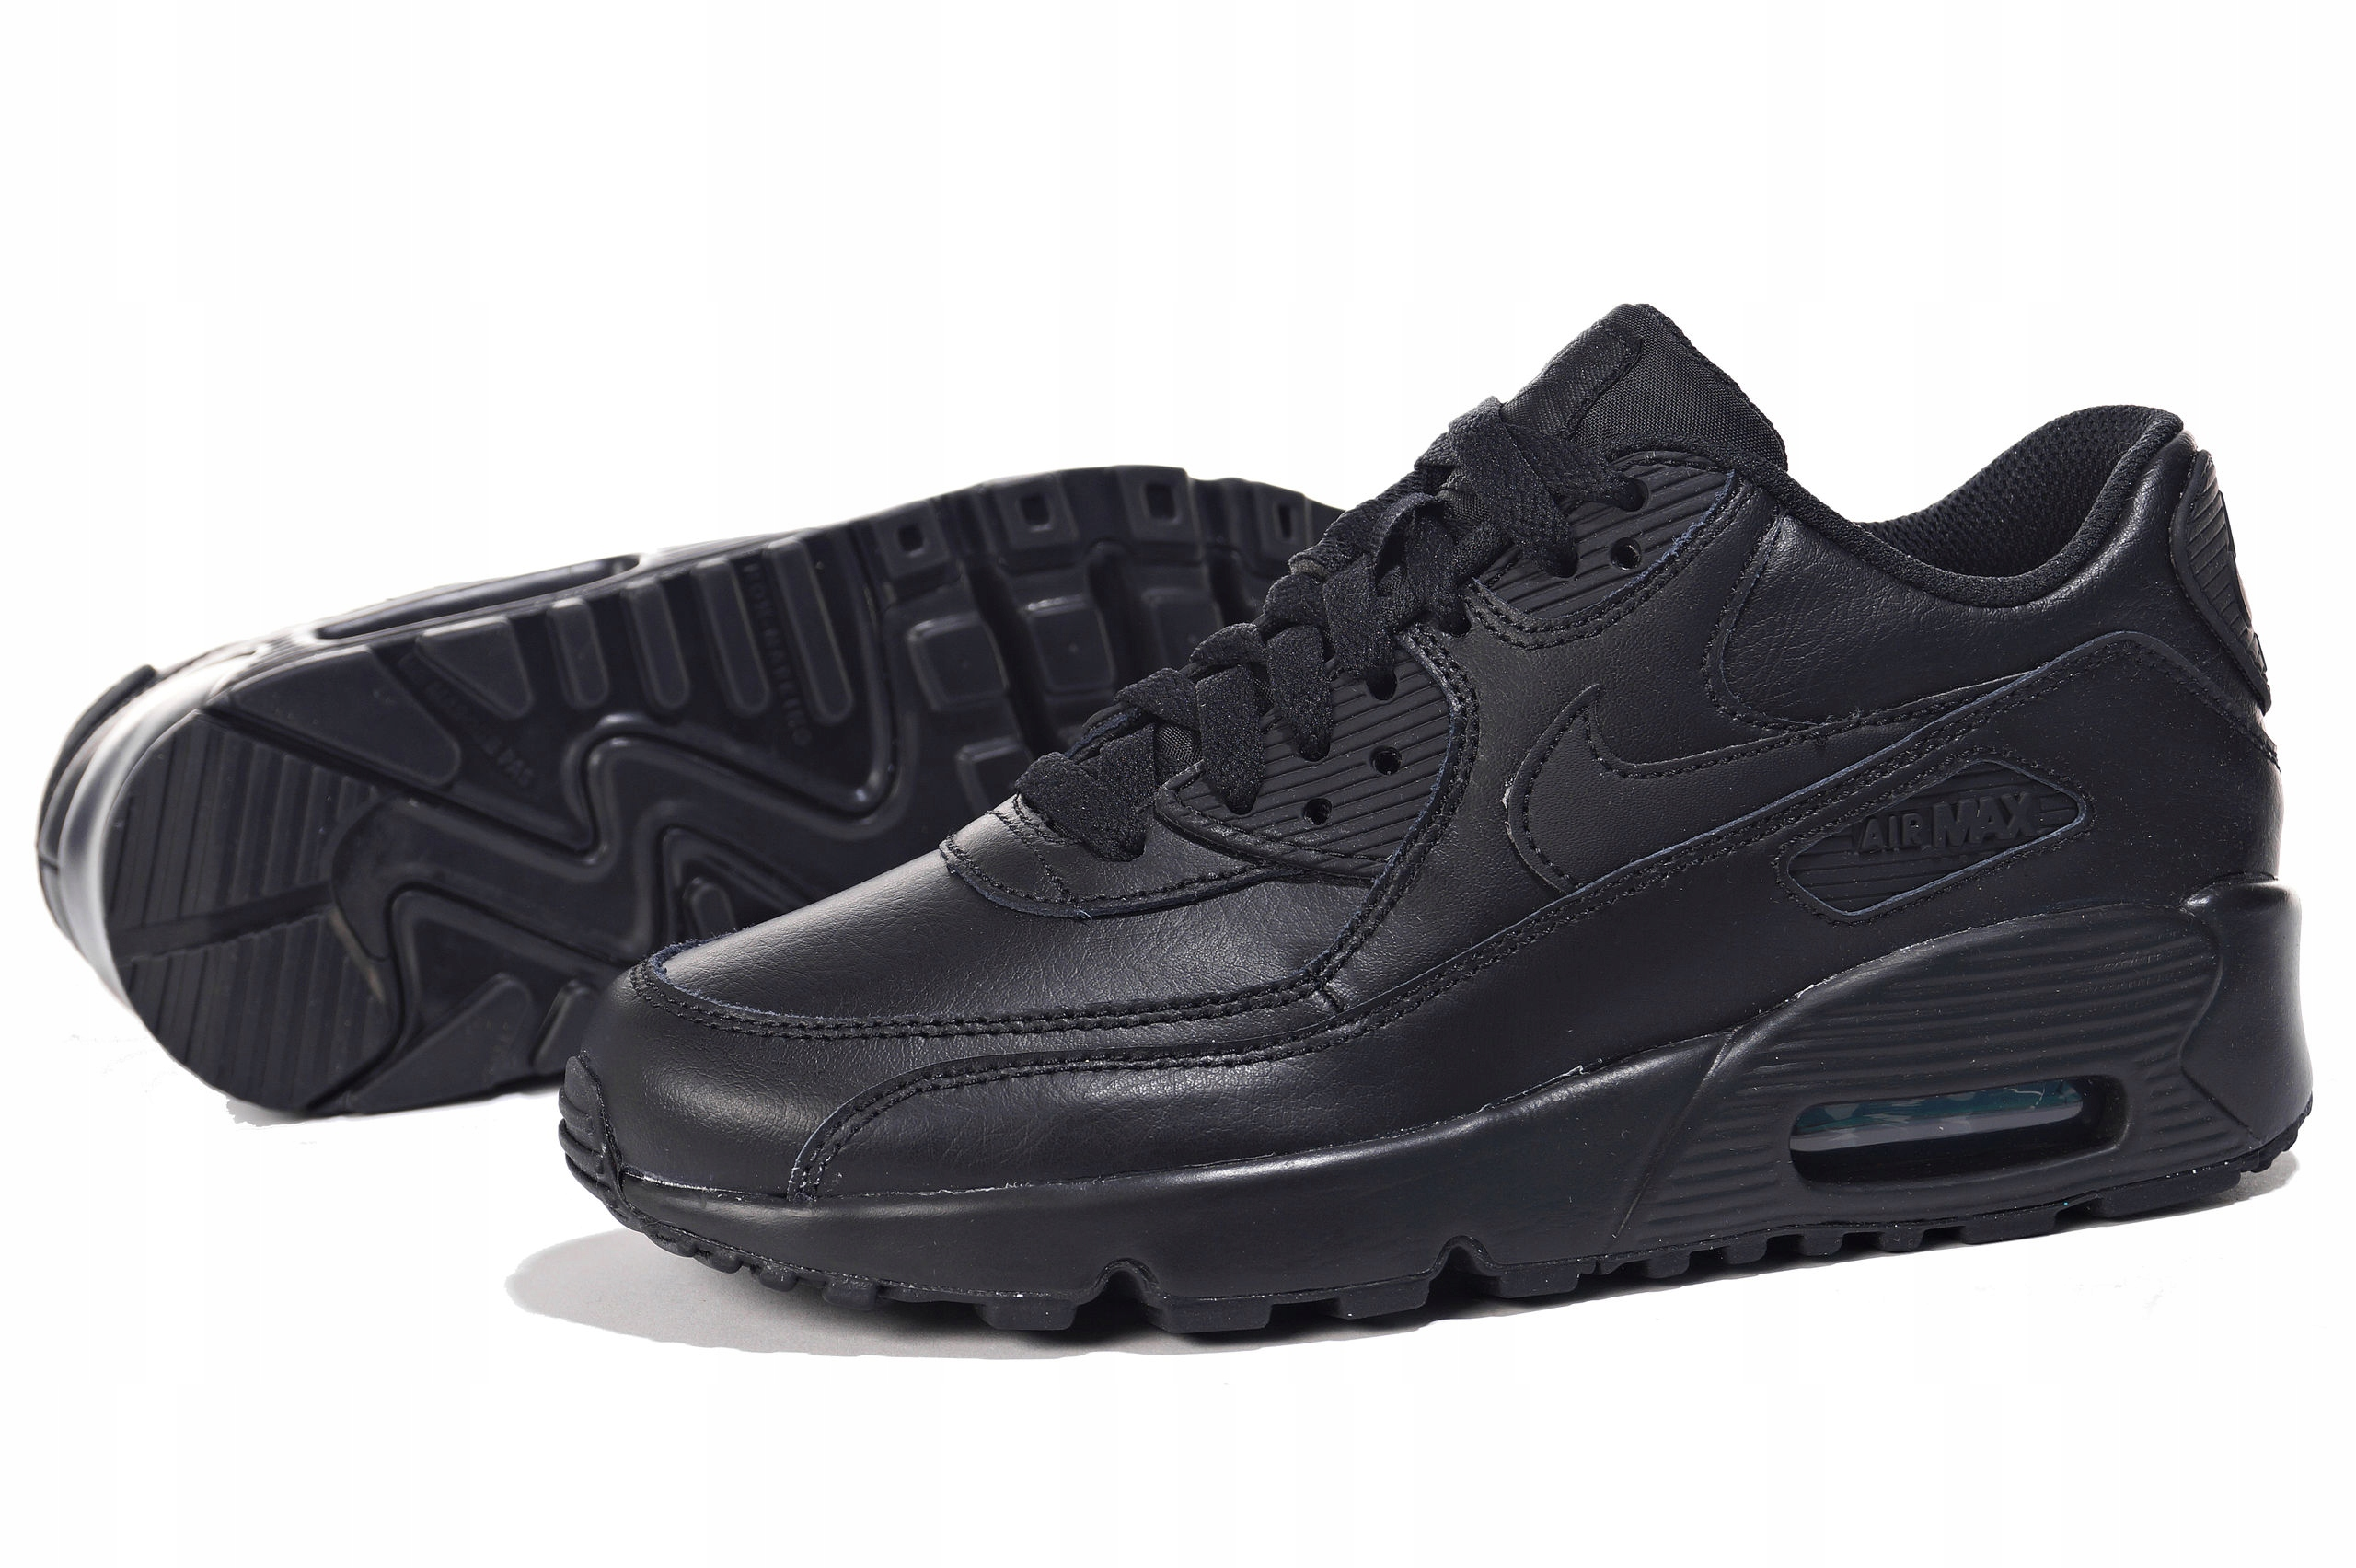 Nike, Buty męskie, Air Max 90 Ltr, rozmiar 44 12